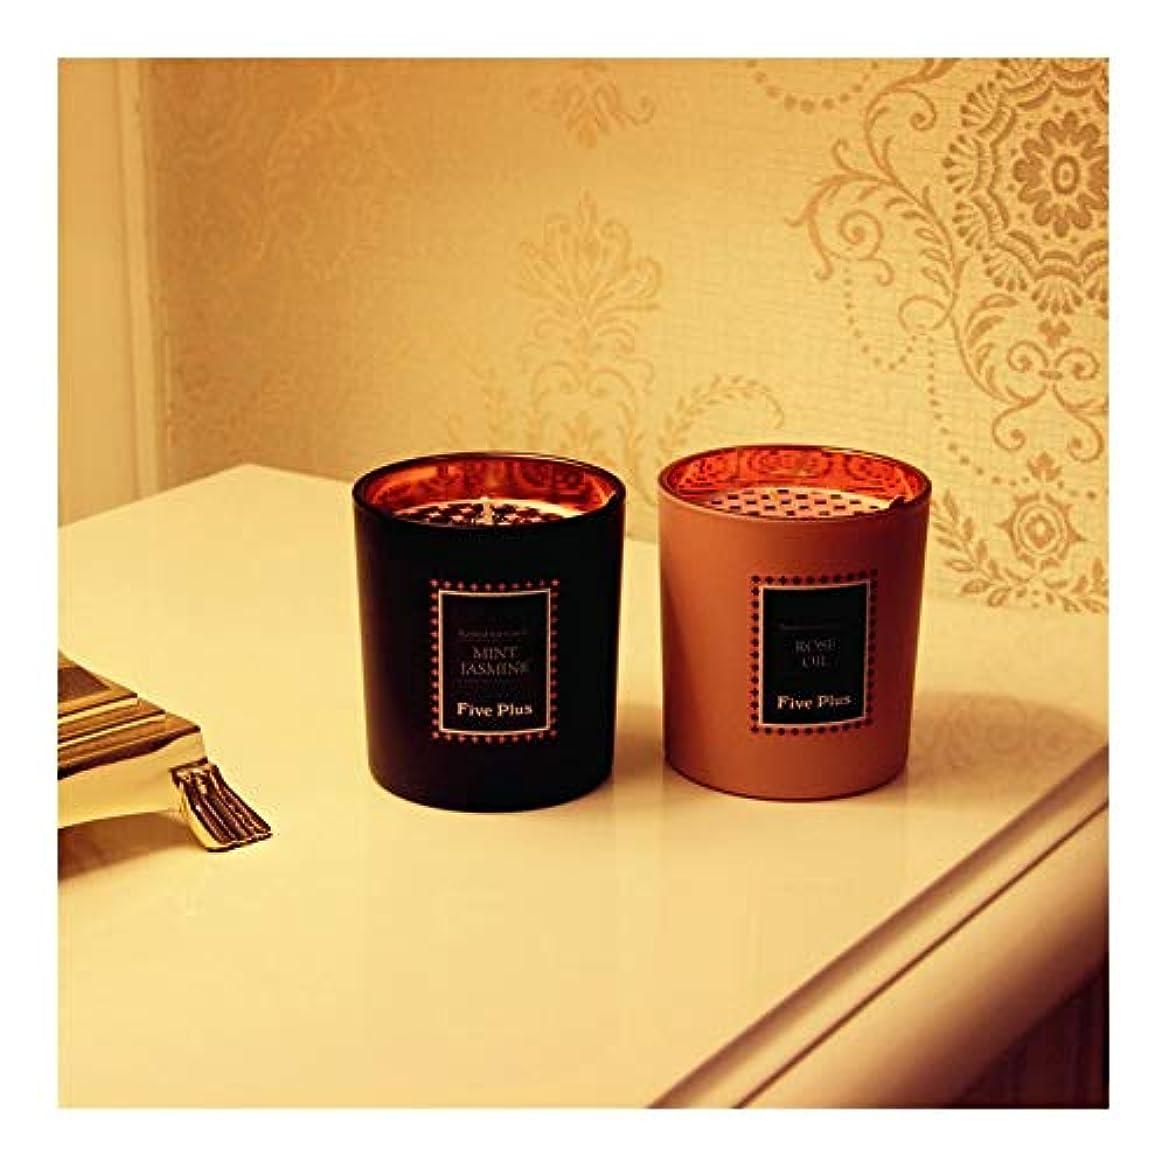 から聞くグラスファイバGuomao キャンドルのガラス充填ワックスクリエイティブな雰囲気の設定の赤黒セット